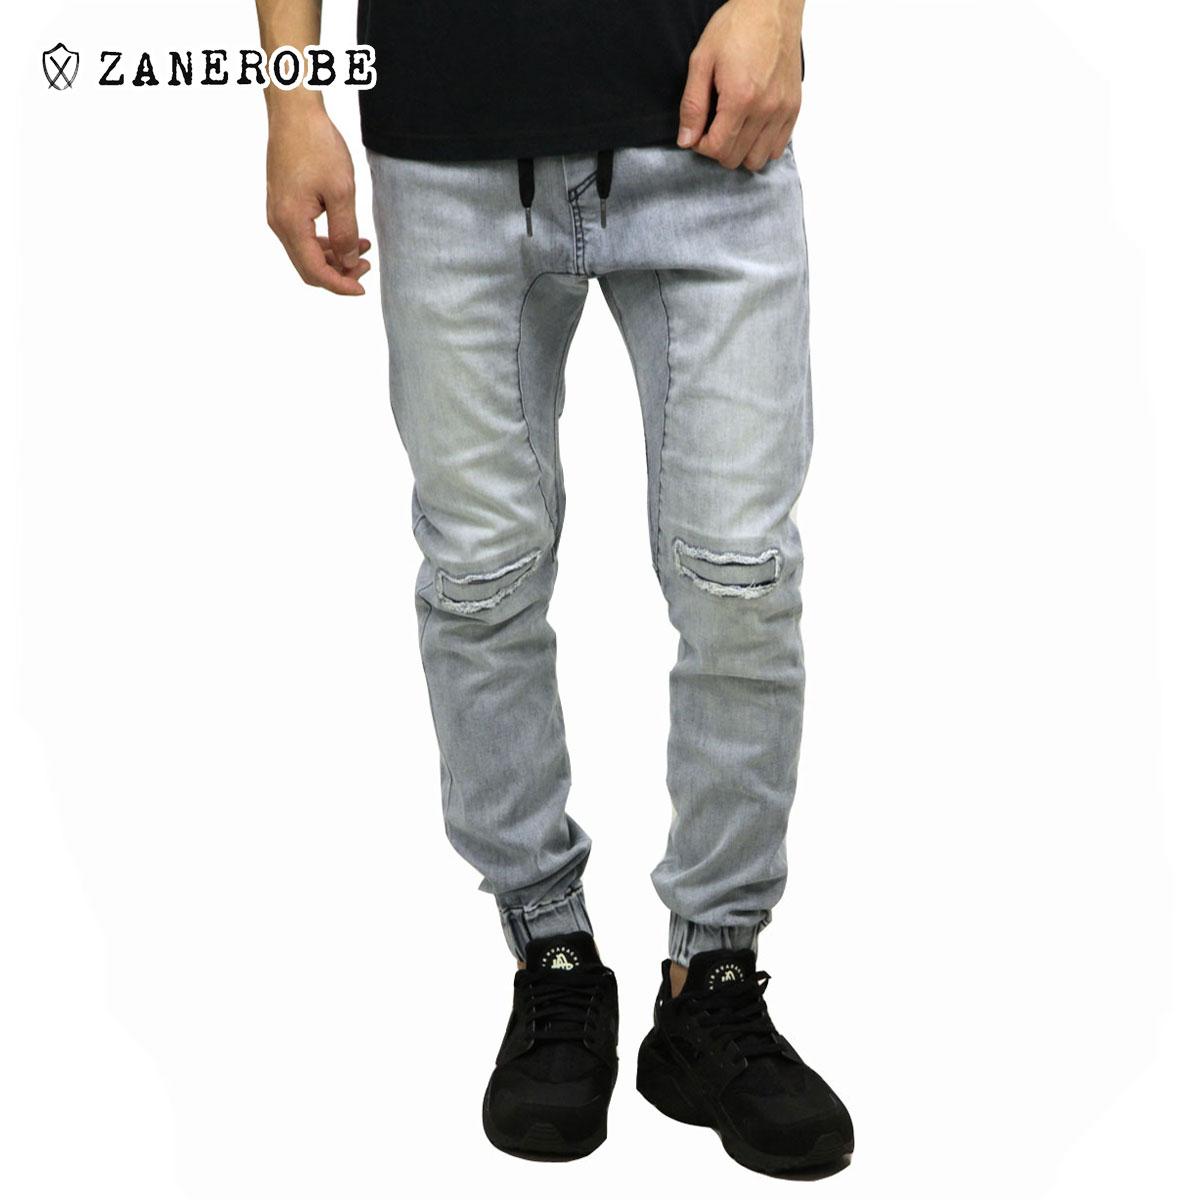 ゼンローブ ZANEROBE 正規販売店 メンズ ジーンズ デニムパンツ SURESHOT JOGGER DENIM PANTS BLONDE WASH 714-MET